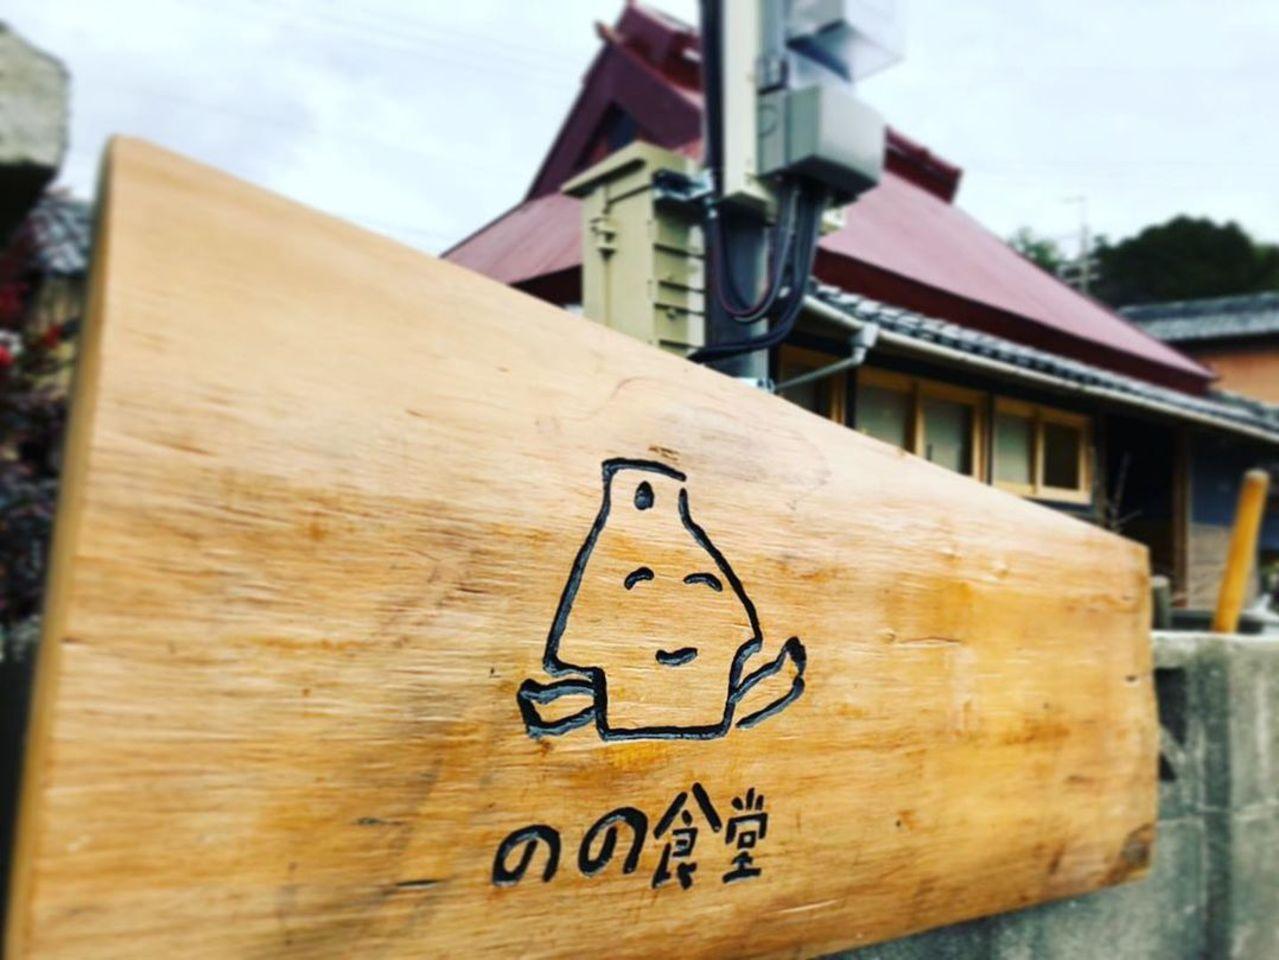 大阪から移住して古民家をセルフリノベーション。。兵庫県加西市上道山町に『のの食堂』本日オープン